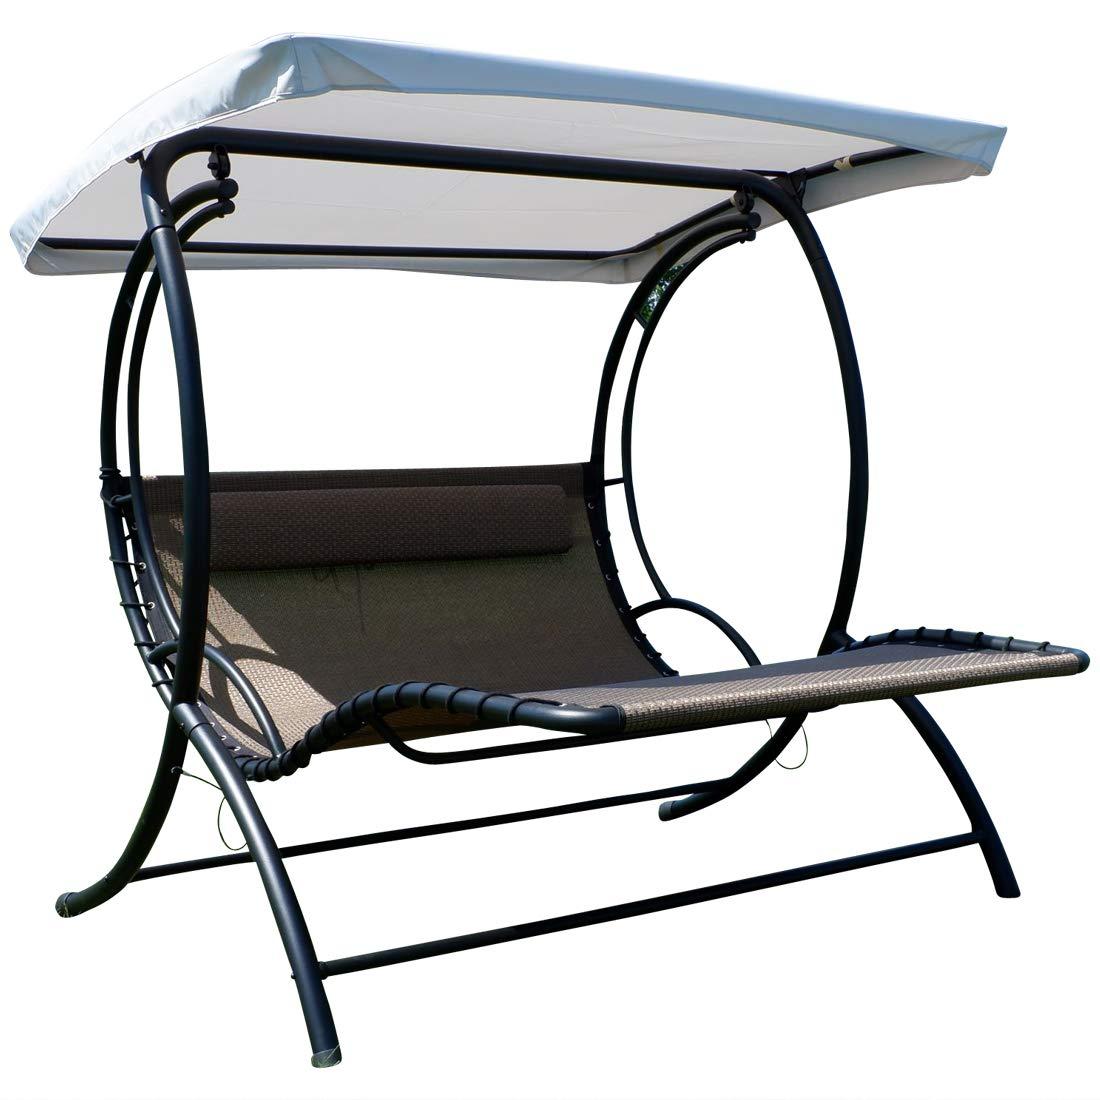 Diseño oscilación del jardín porche columpio acero curvado ergonomicamente de tela sintetica transpirable con cojines y techo modello: NAXOS de AS-S